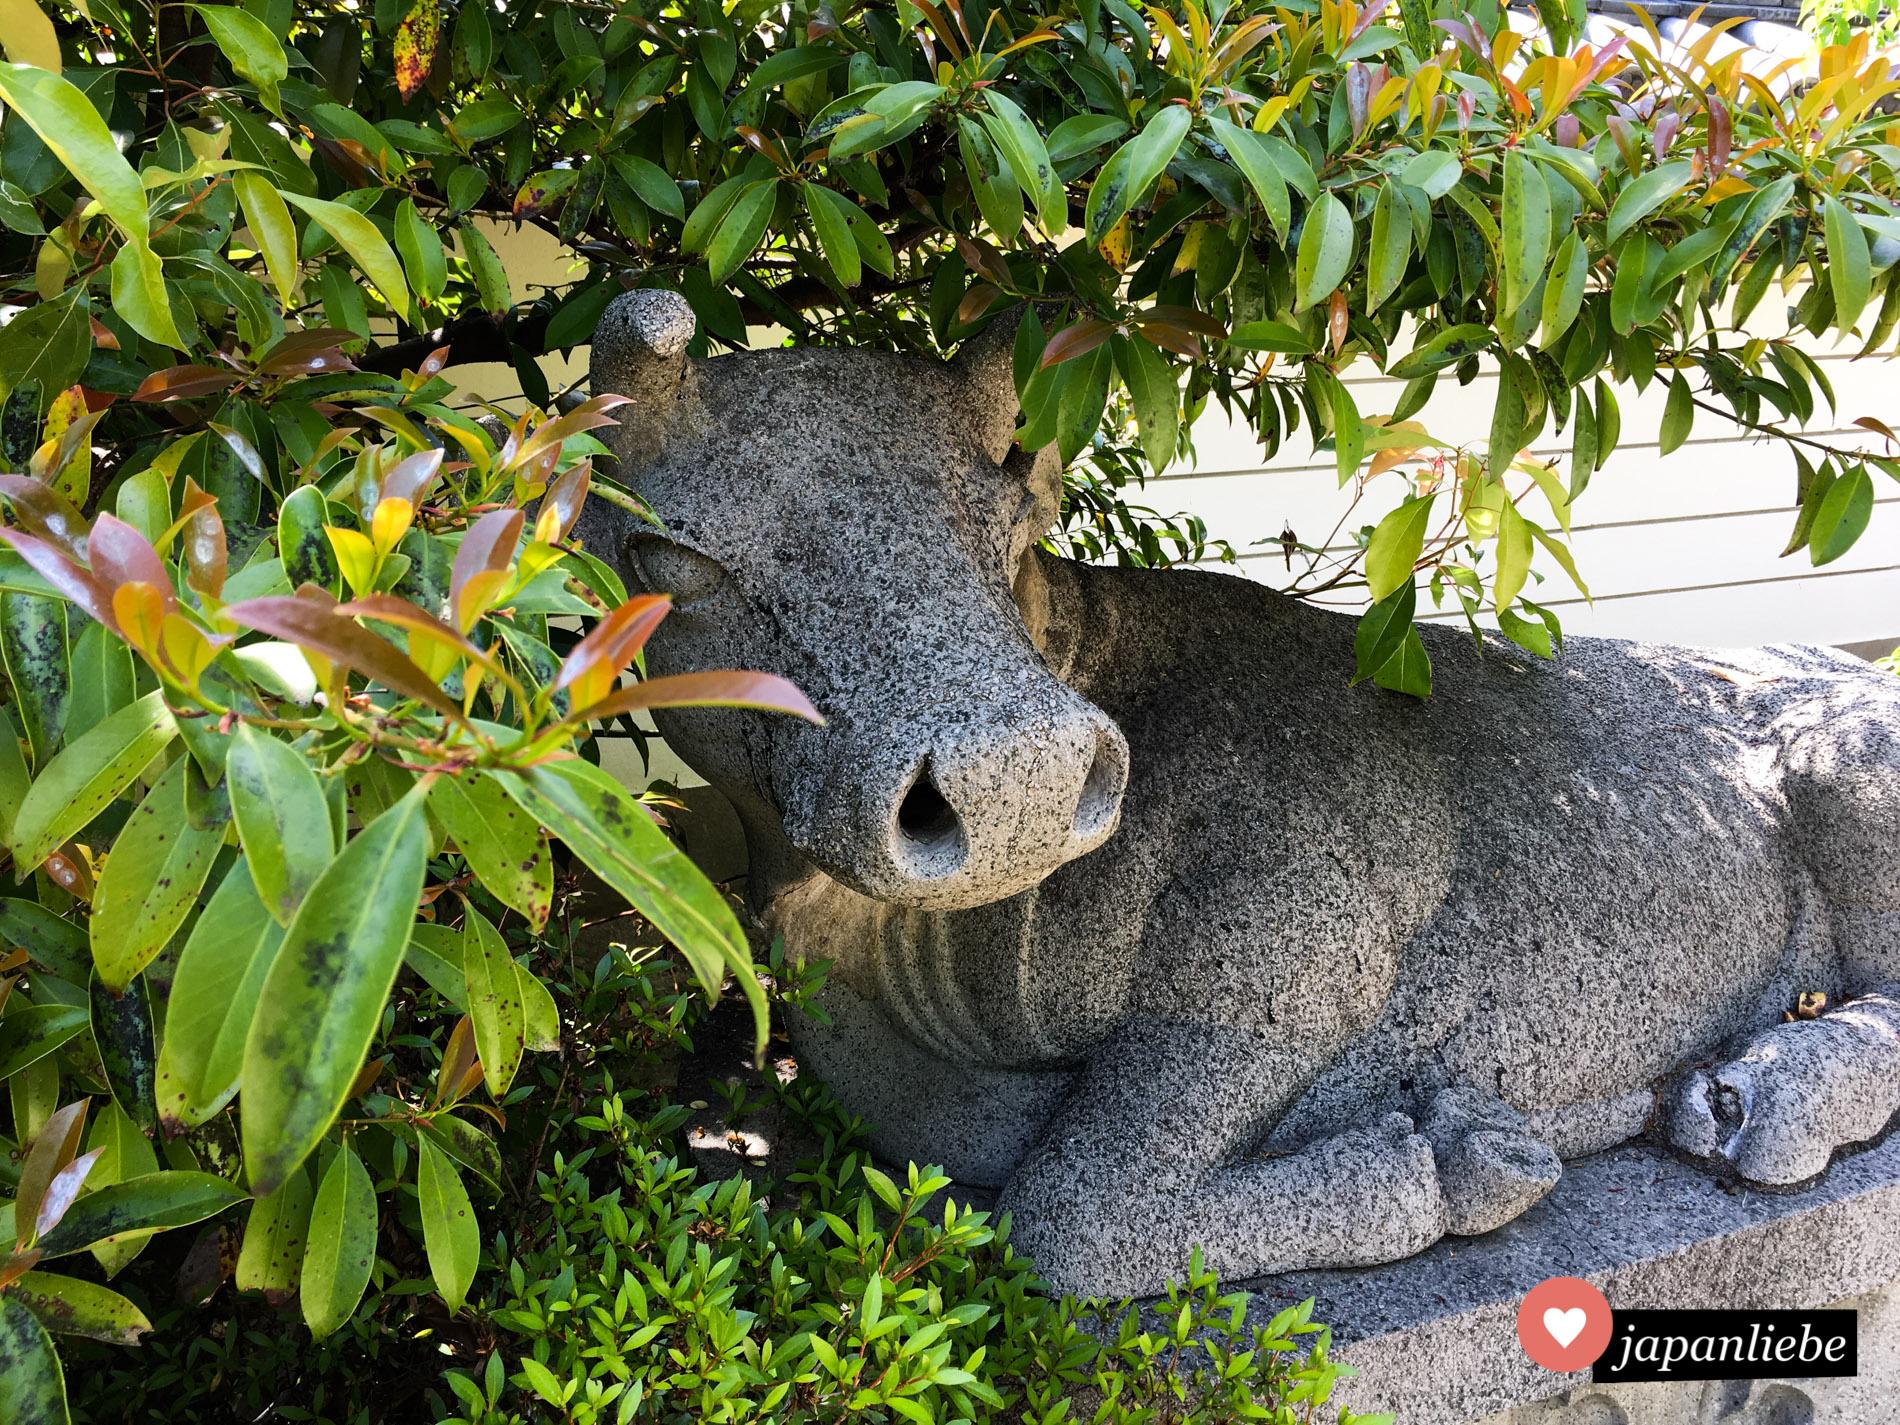 Der Legende nach streikte der Ochse beim Abtransport von Tenjins Leiche und legte sich hin. Deshalb findet man an Schreinen ihm zu ehren oft Ochsenstatuen, die Weisheit und Glück verheißen, wenn man sie berührt.